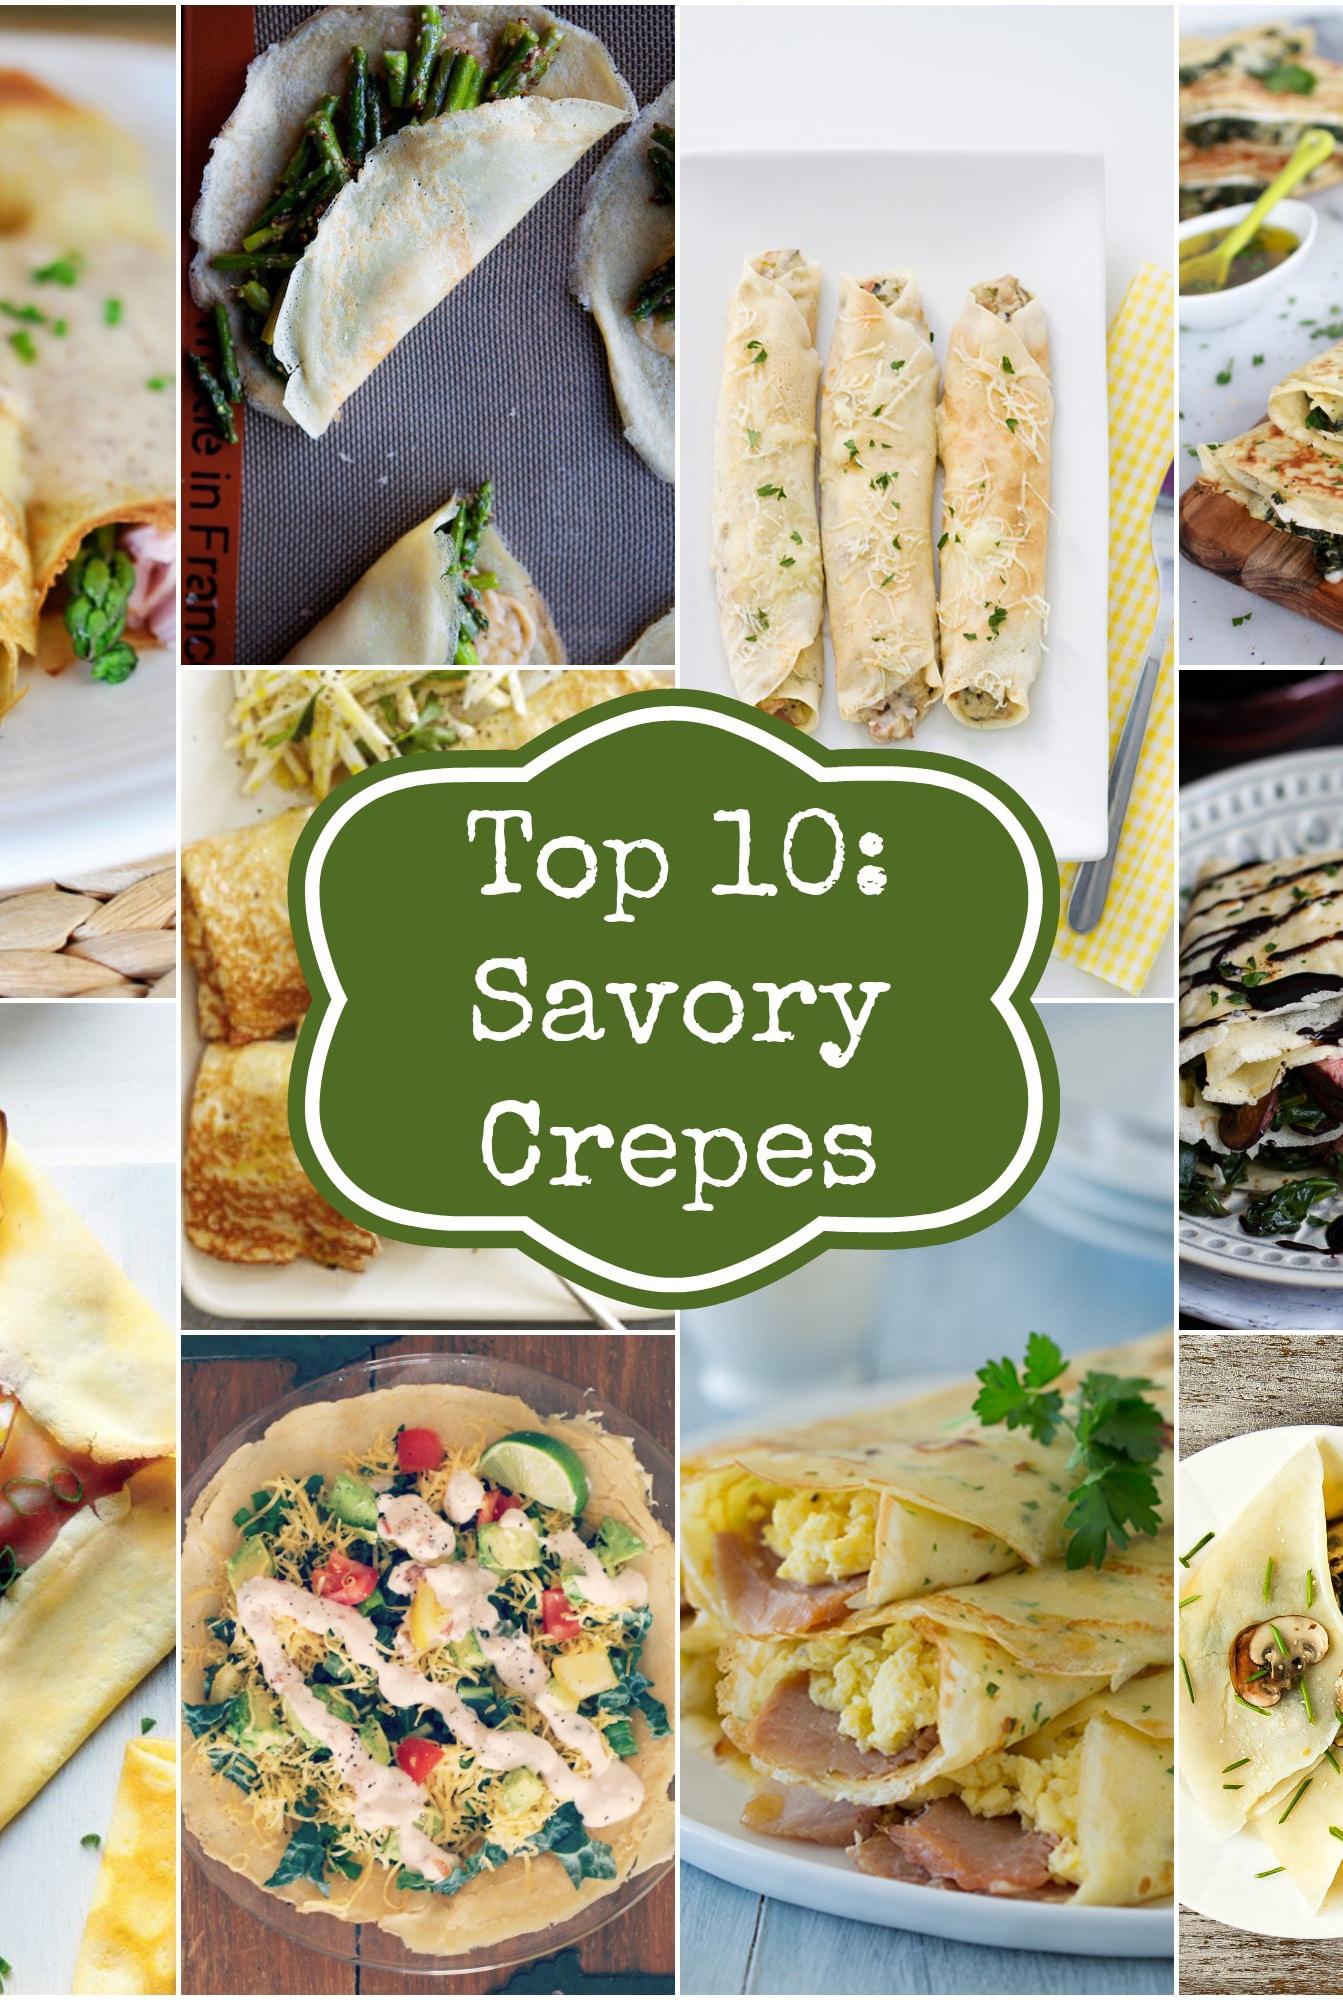 Top 10: Savory Crepes